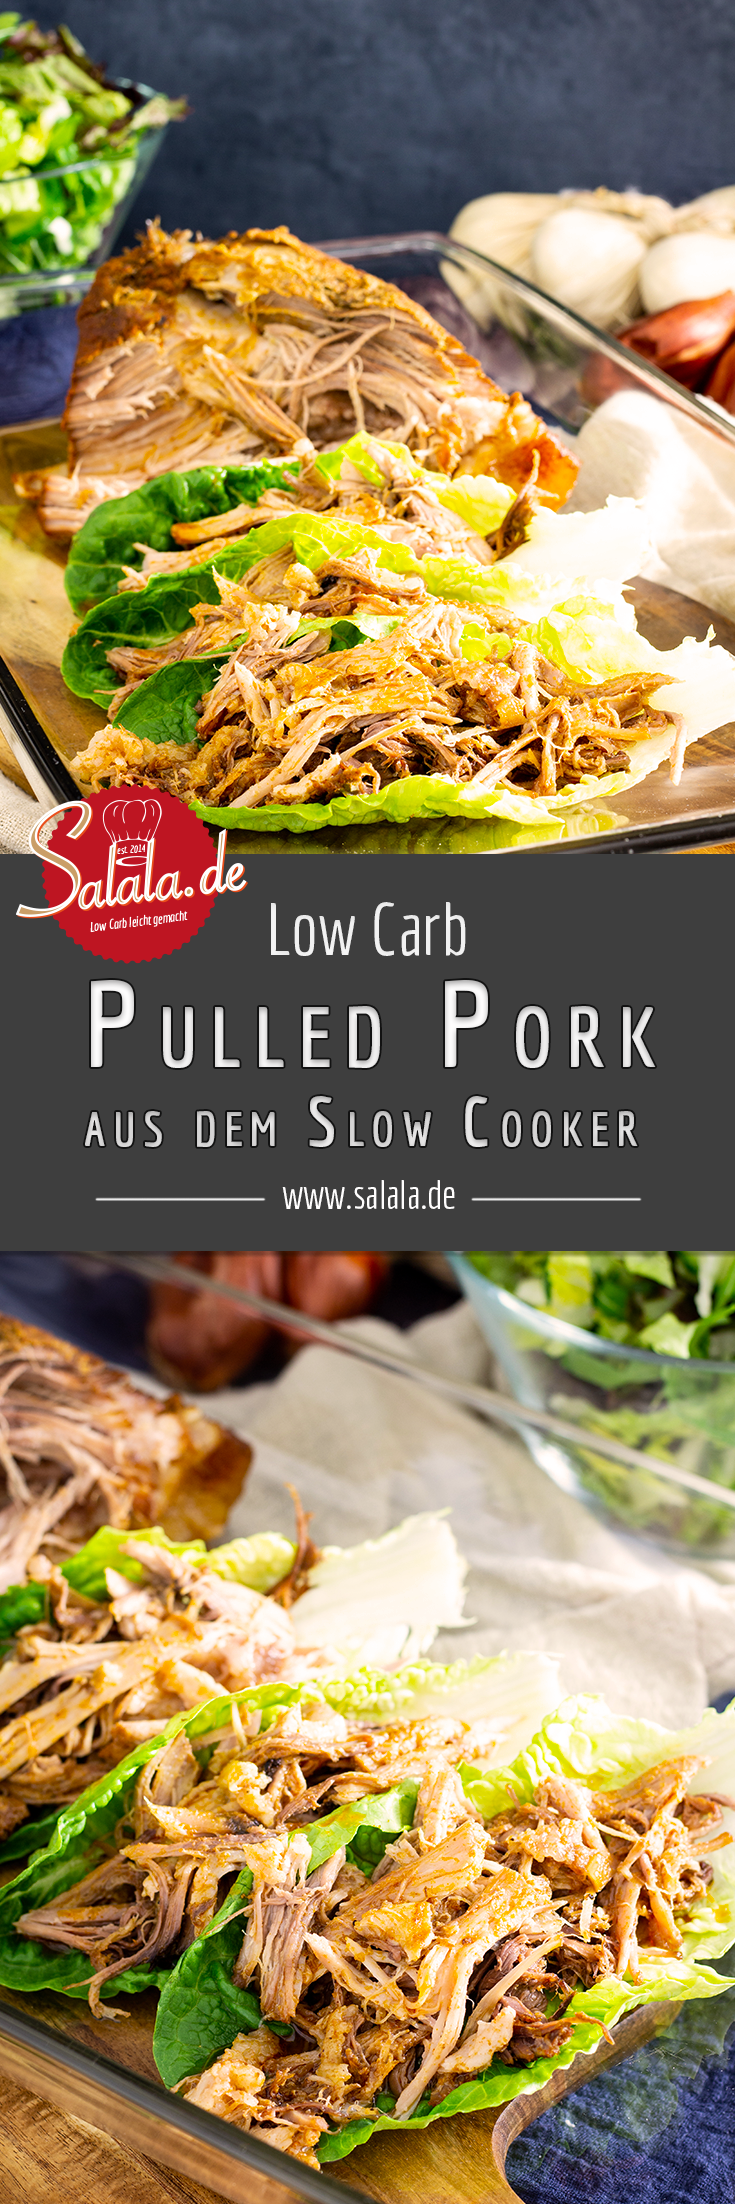 #pulledpork #lowcarb #lowcarbrezepte #slowcooker #keto